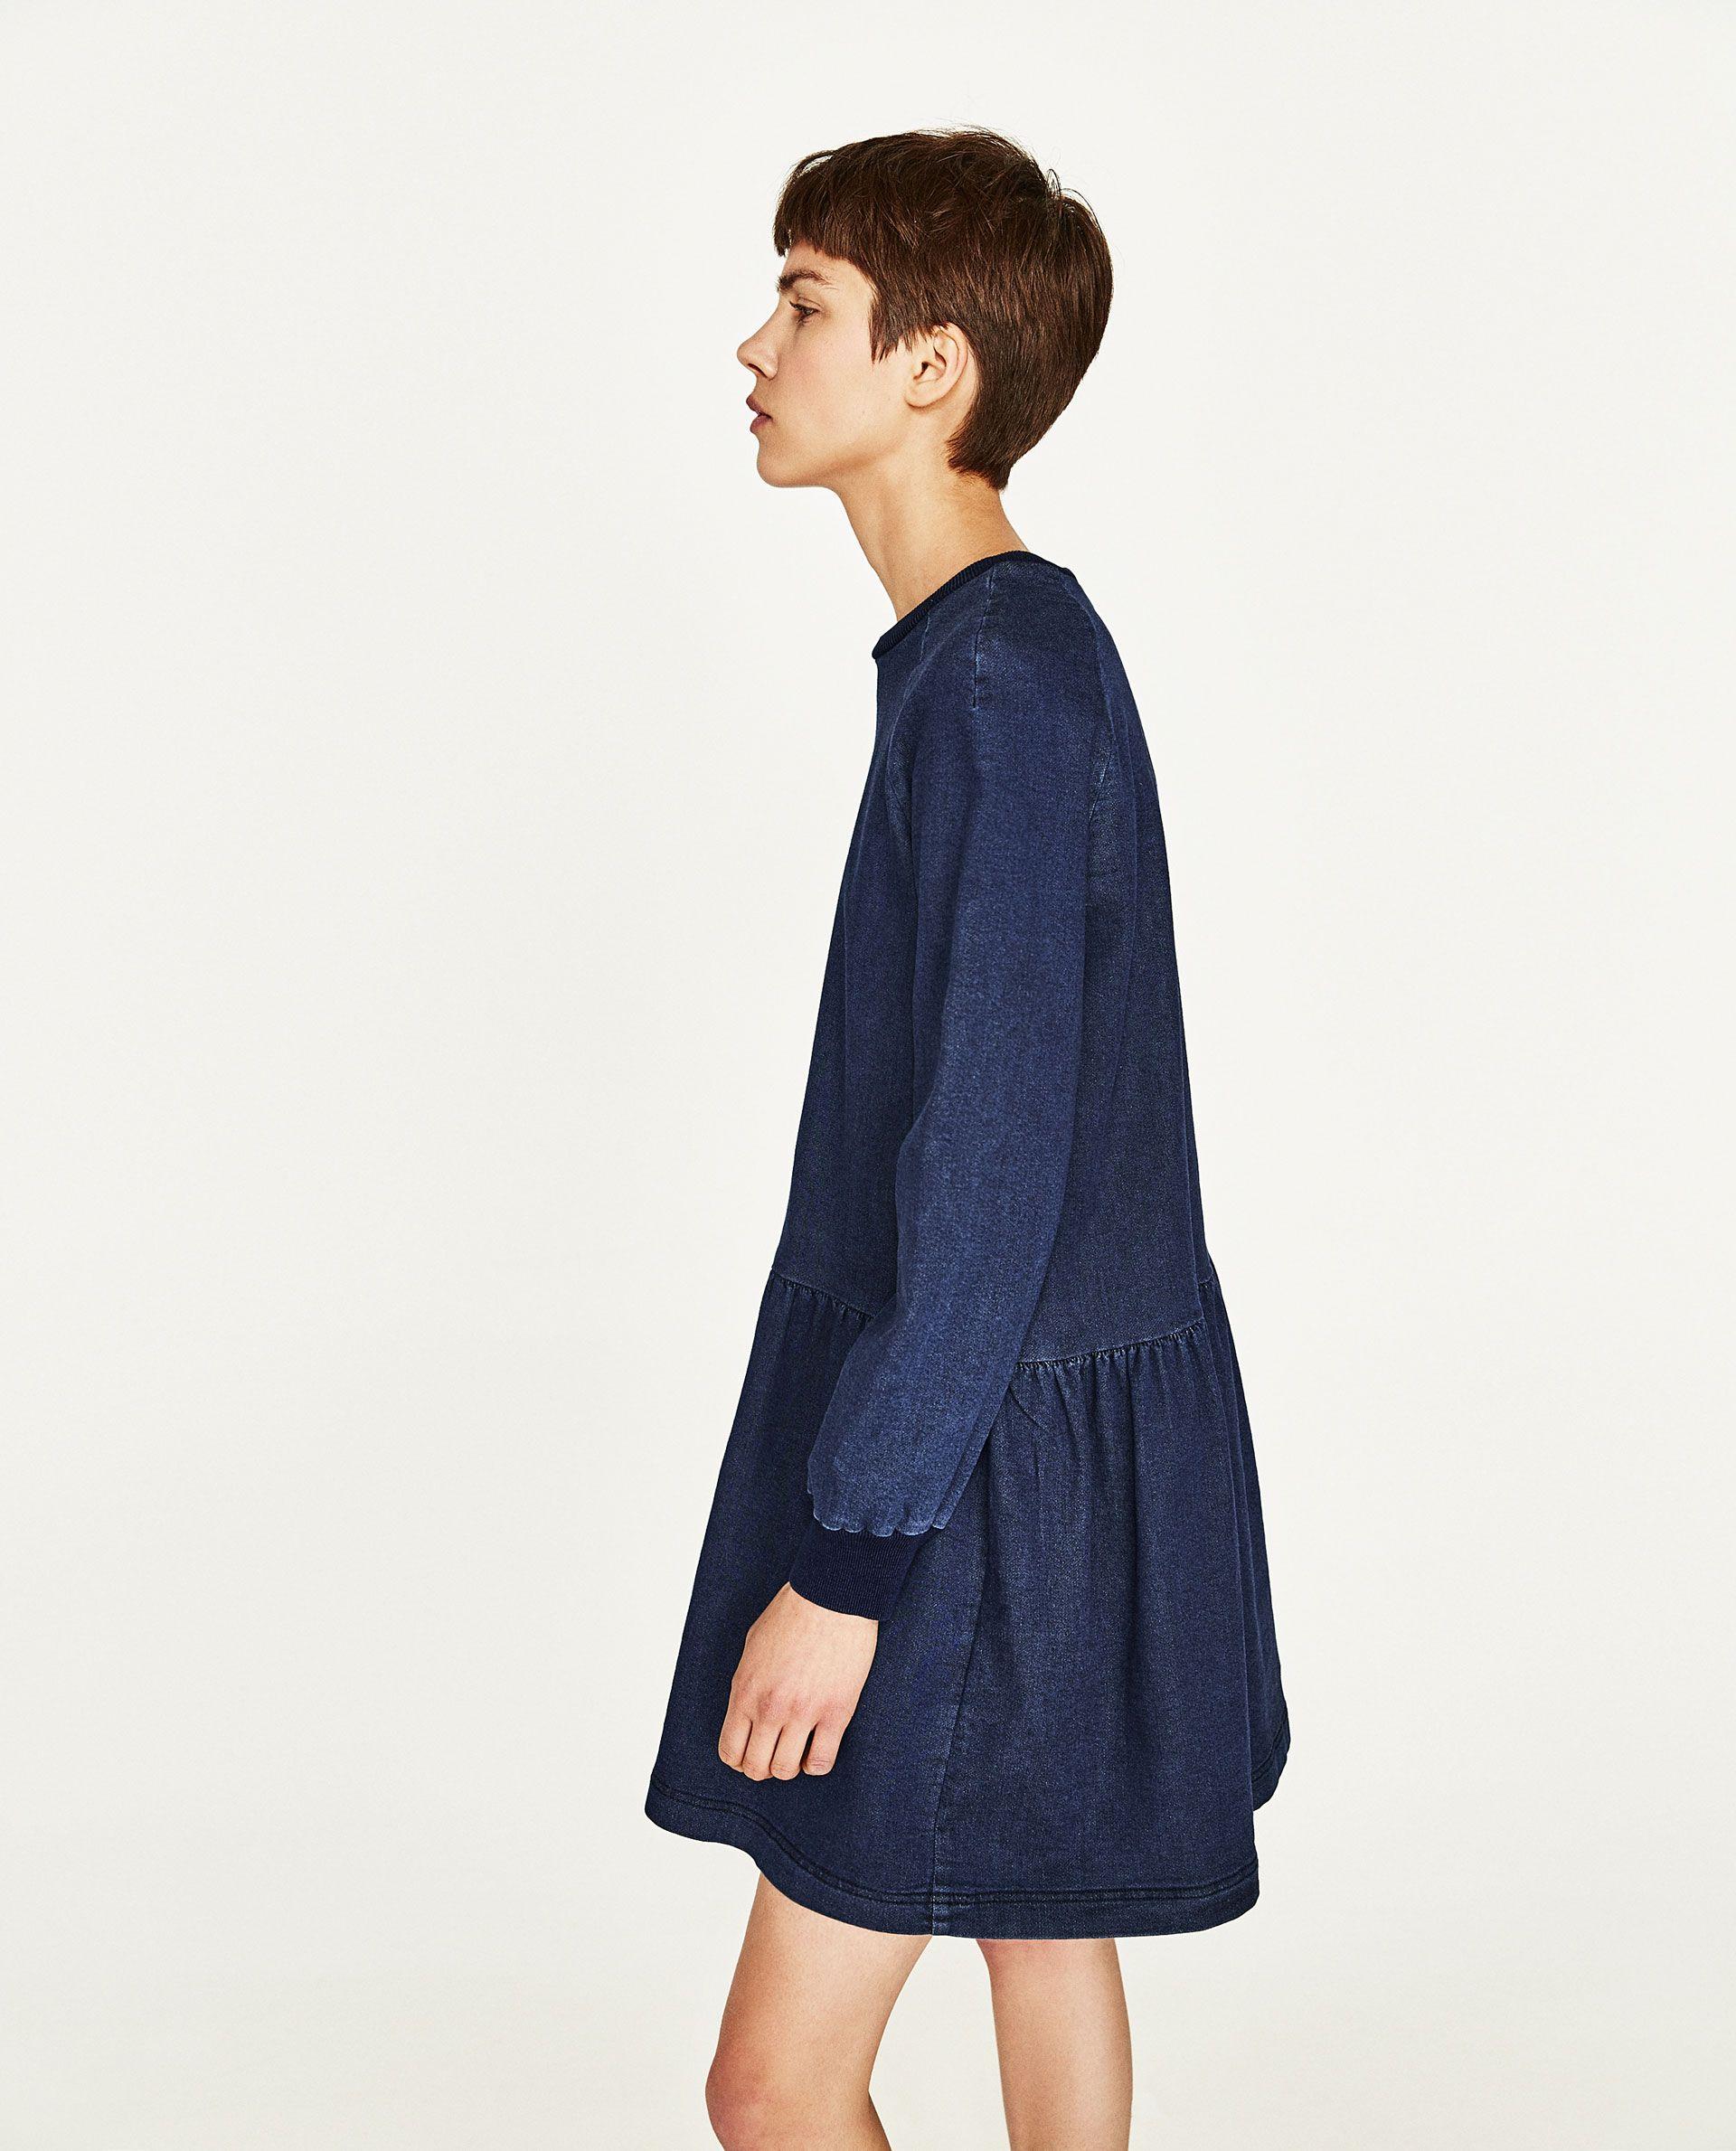 LONG SLEEVE DRESS   Zara mode, Bekleidungsstile ...